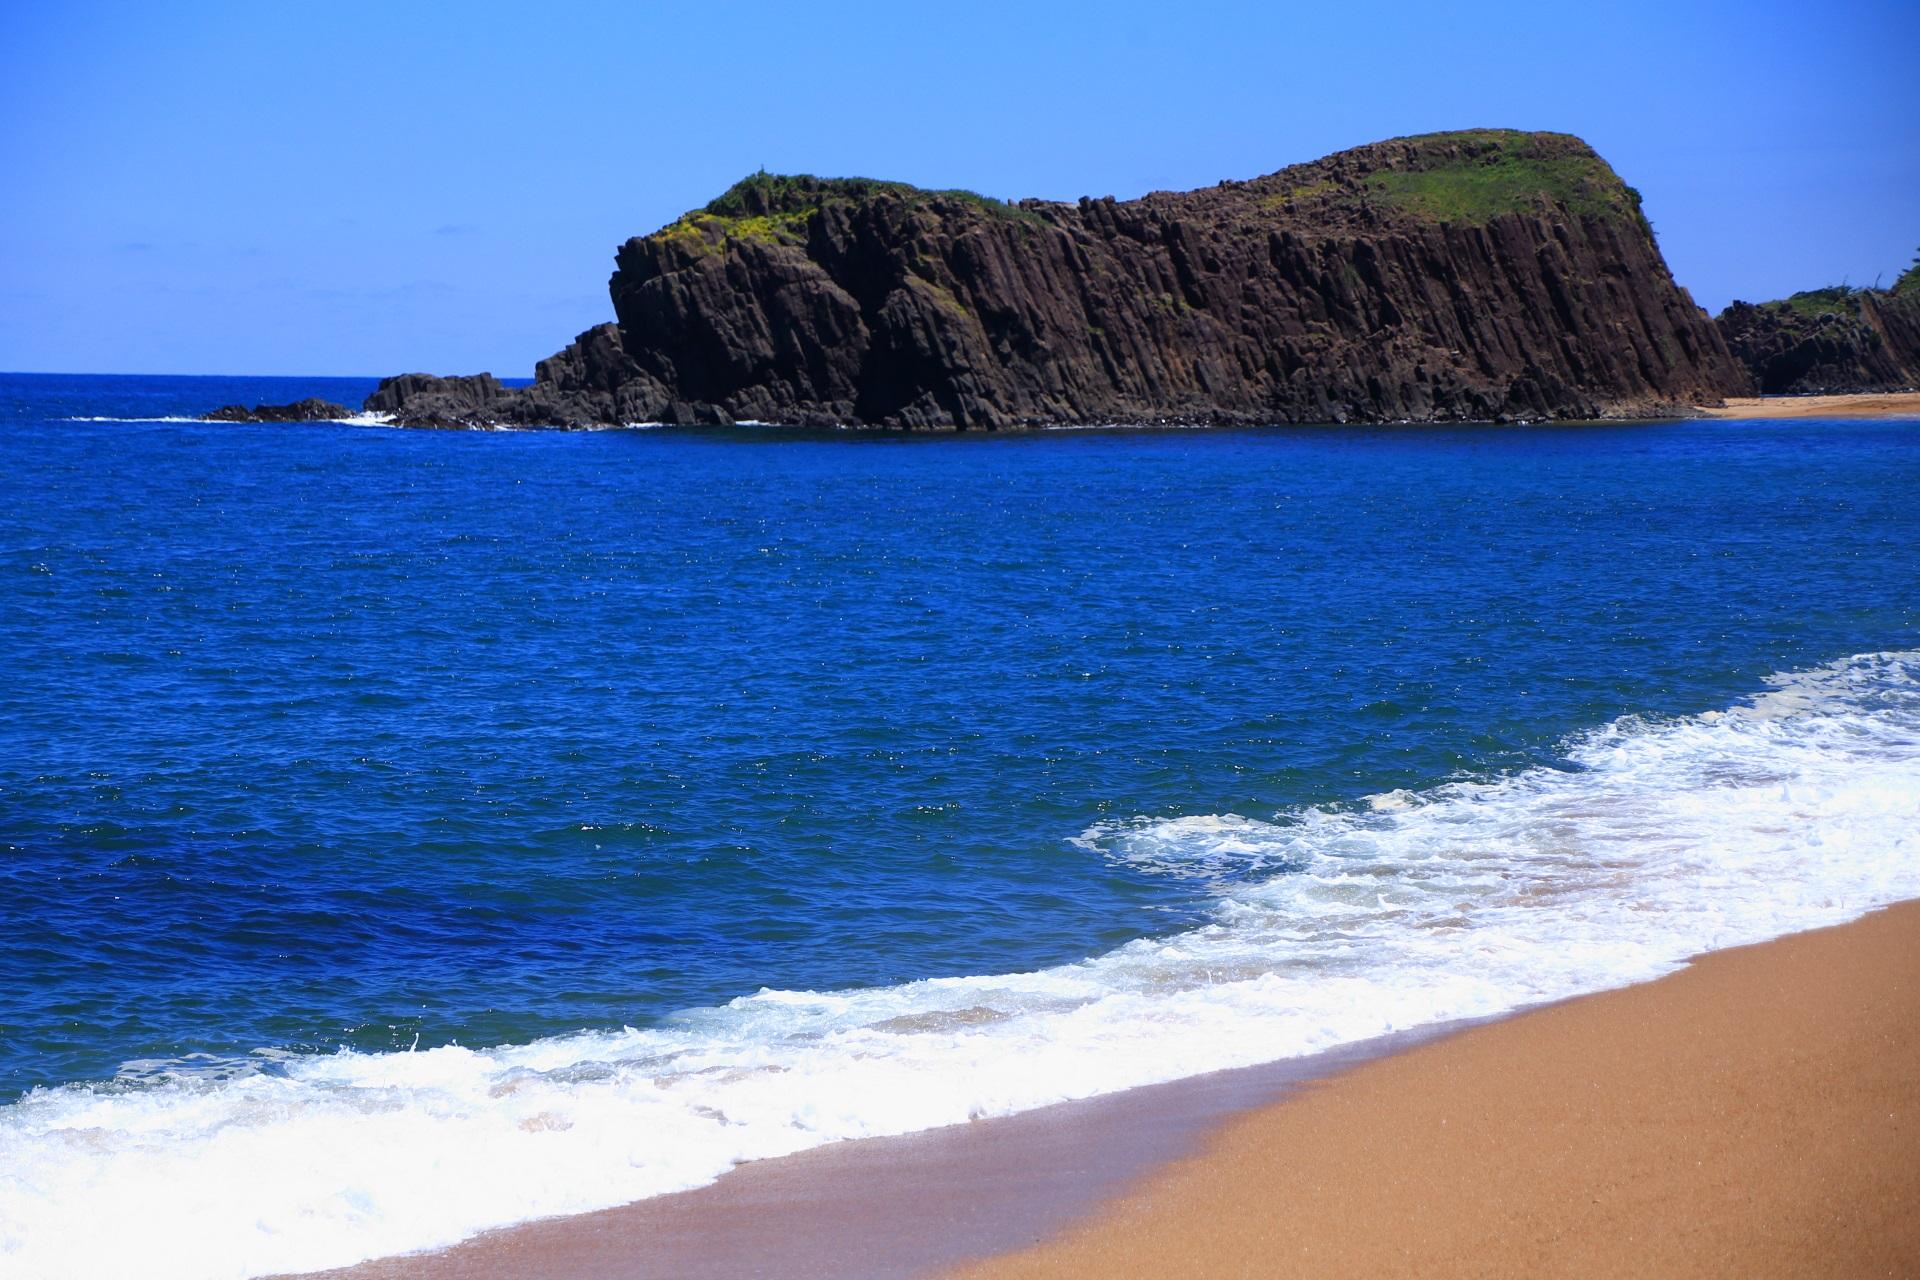 京丹後の間人(たいざ)の青い海に大きくそびえ立つ立岩(たていわ)